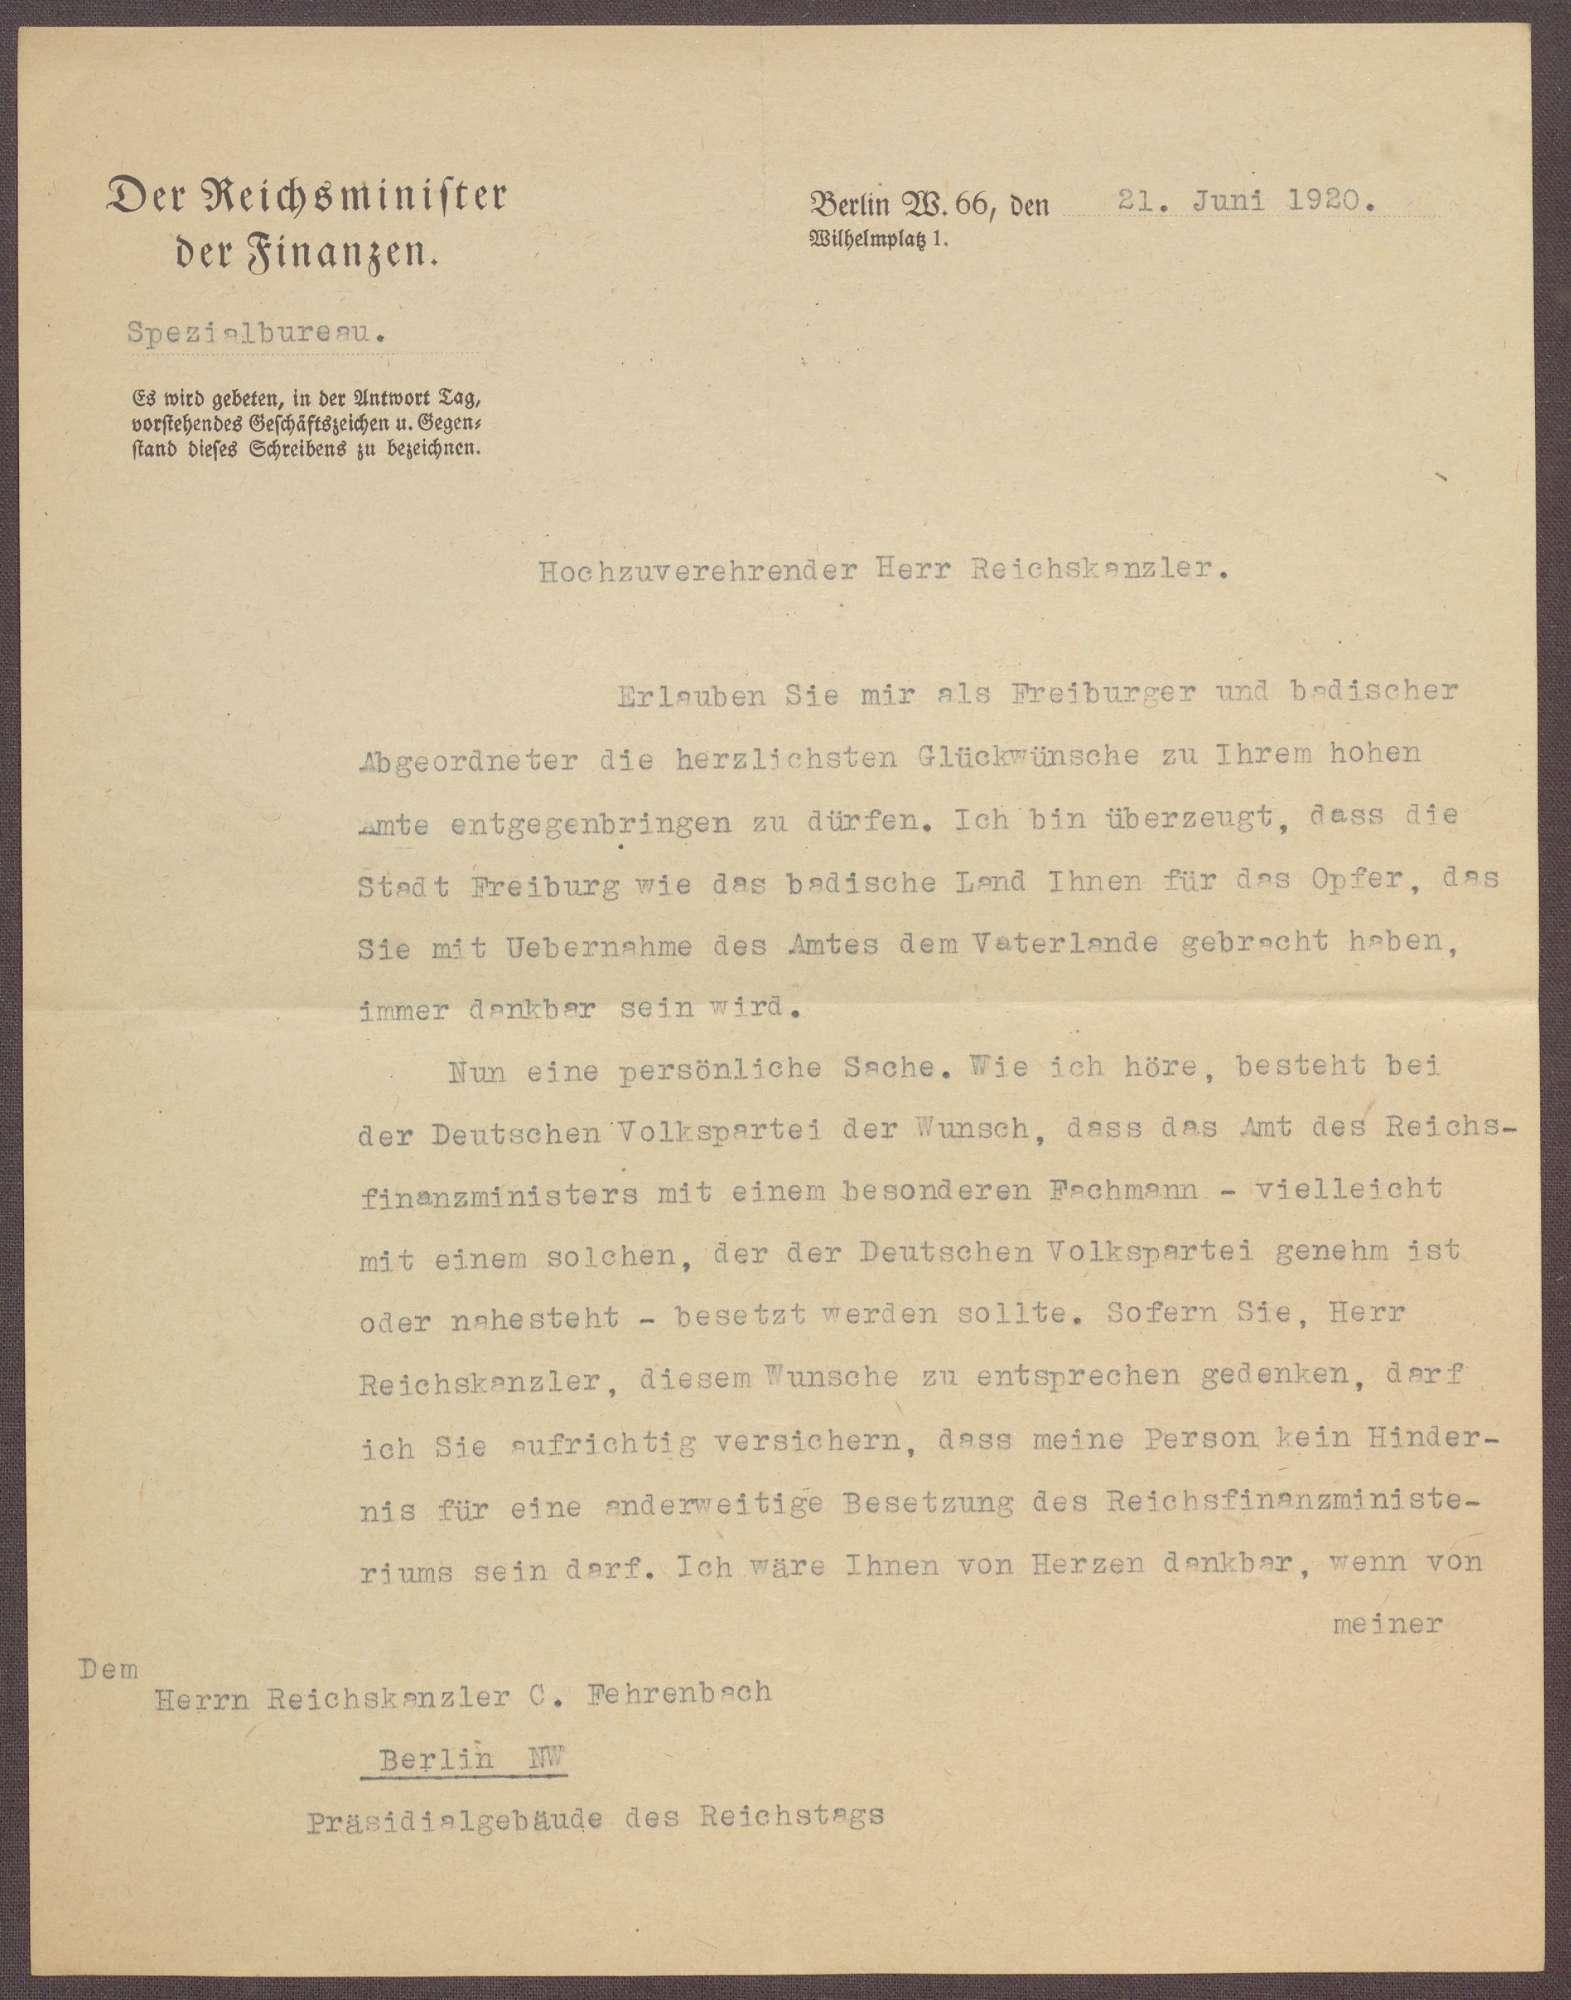 Schreiben von Joseph Wirth an Constantin Fehrenbach, Glückwünsche zur Wahl zum Reichskanzler und Angebot des Verzichtes auf das Amt des Reichsfinanzministers, Bild 1